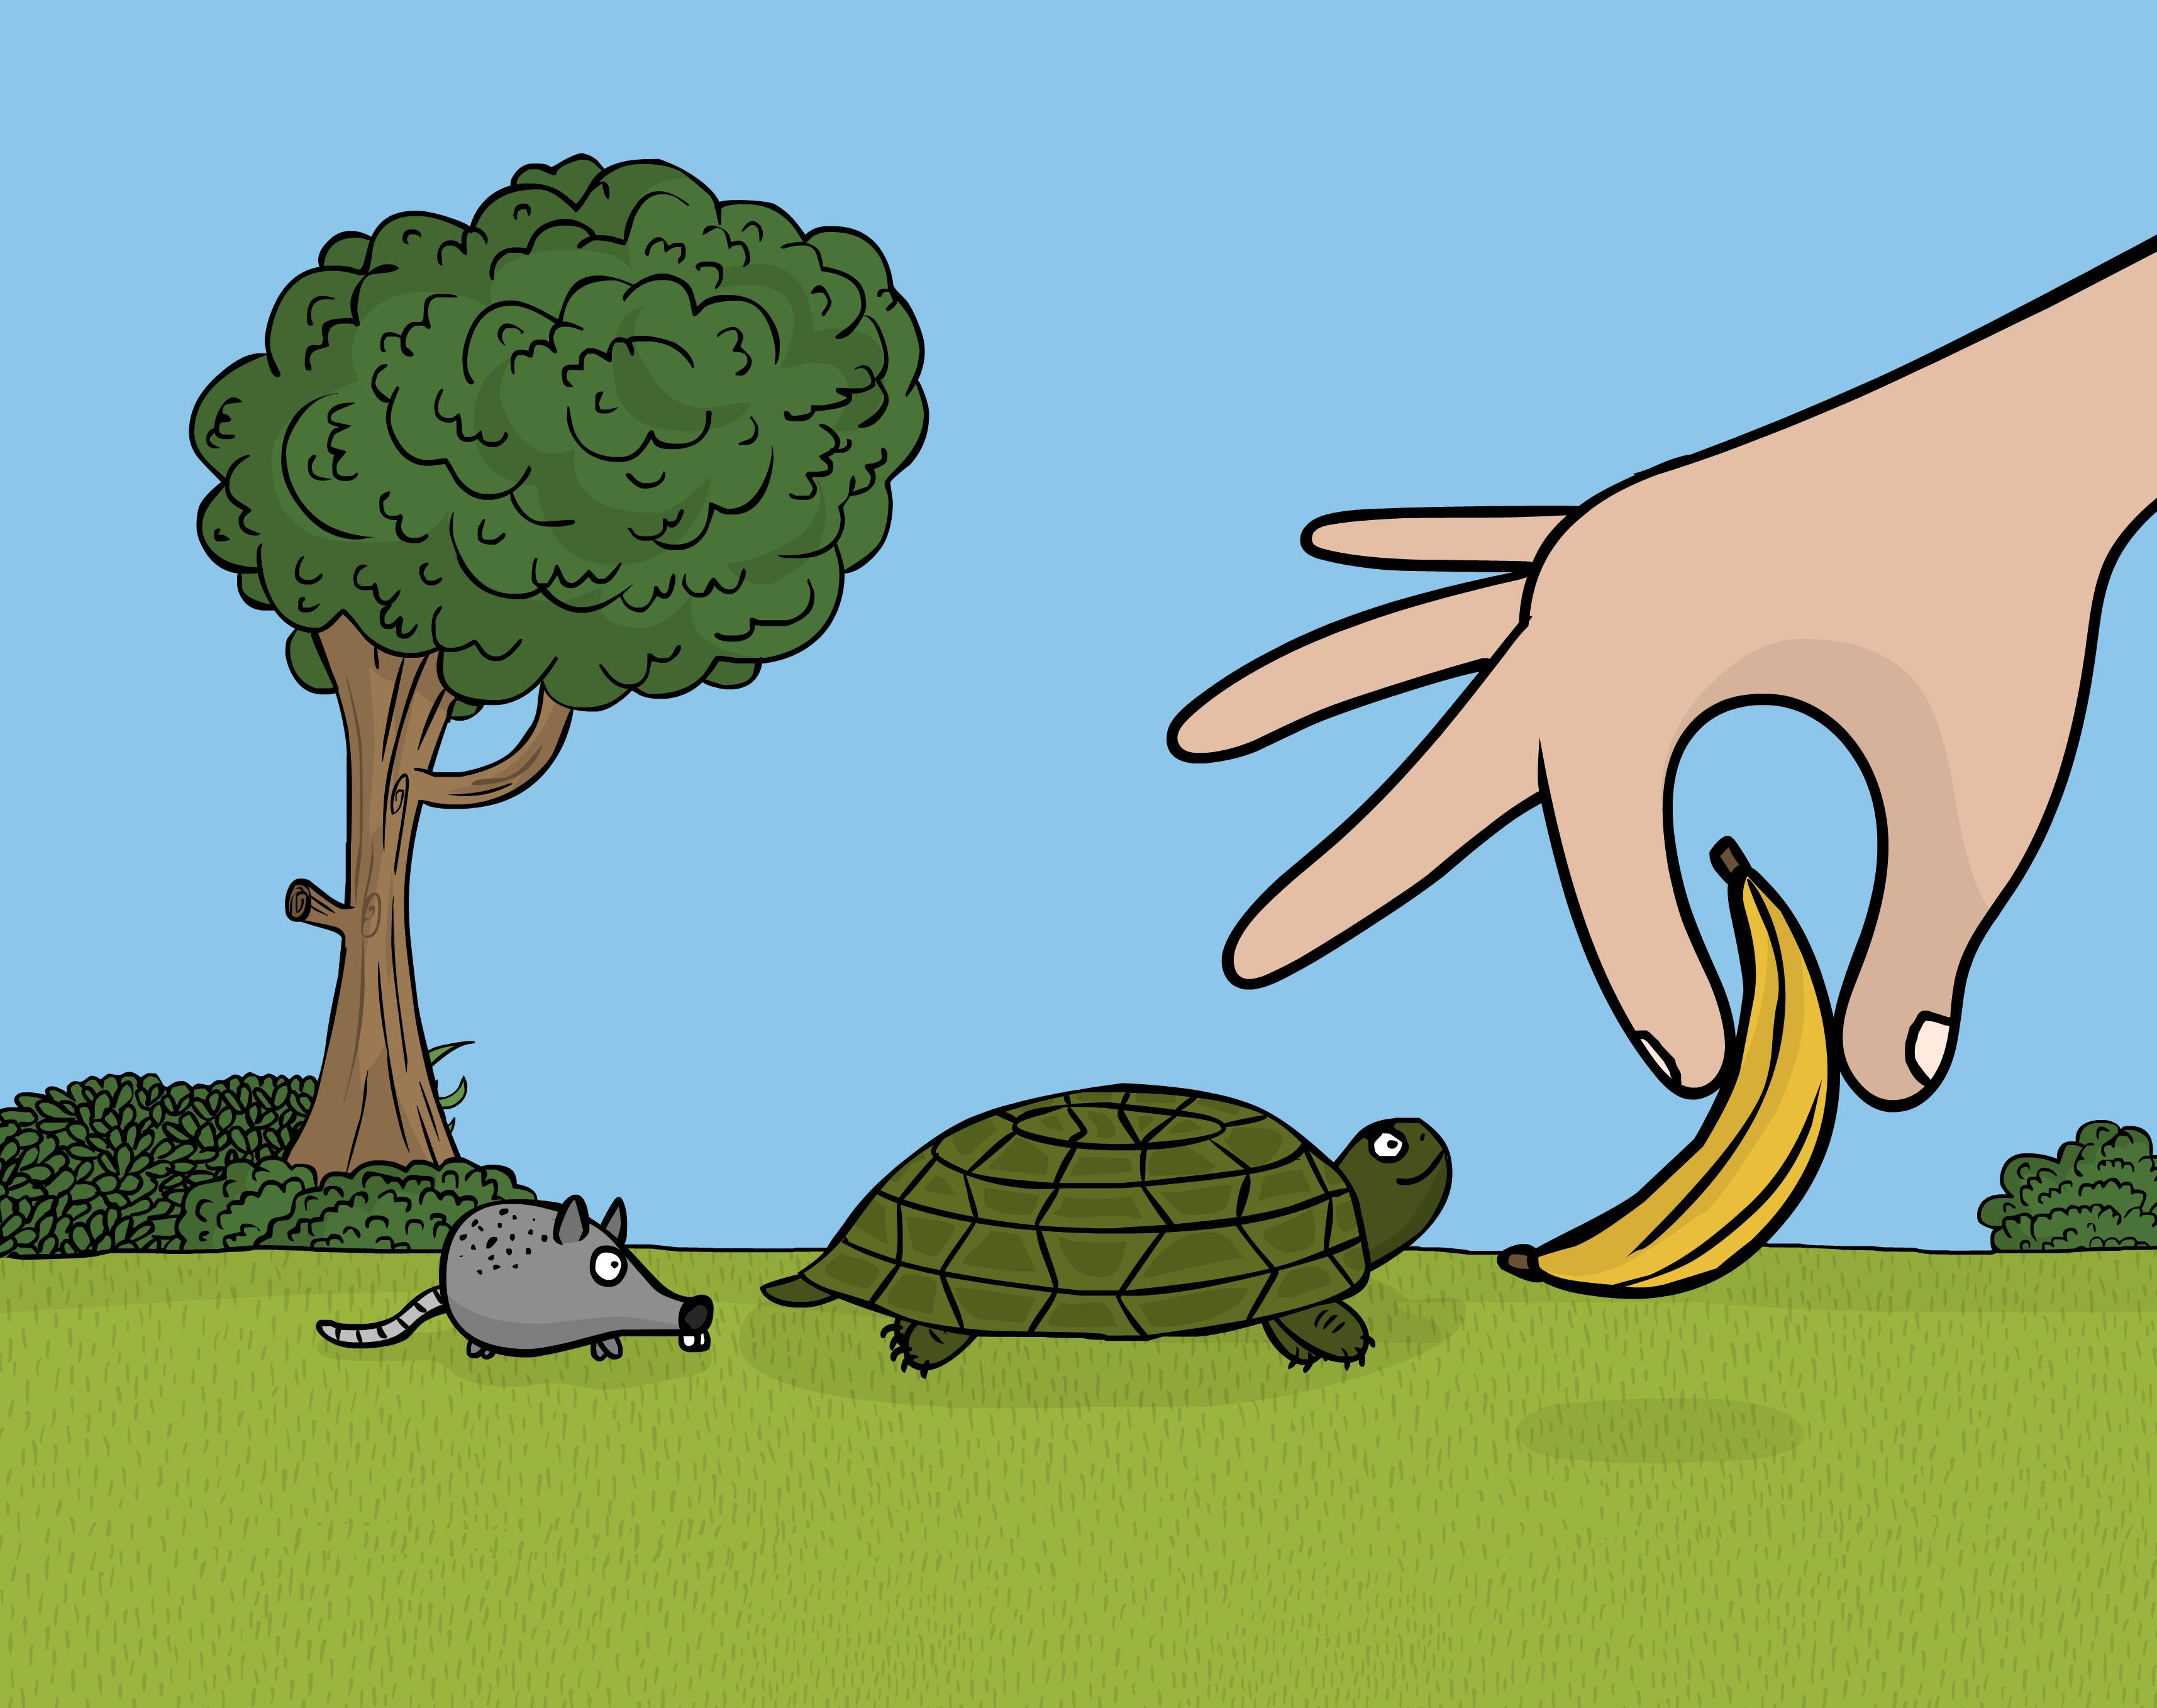 thumb1-small